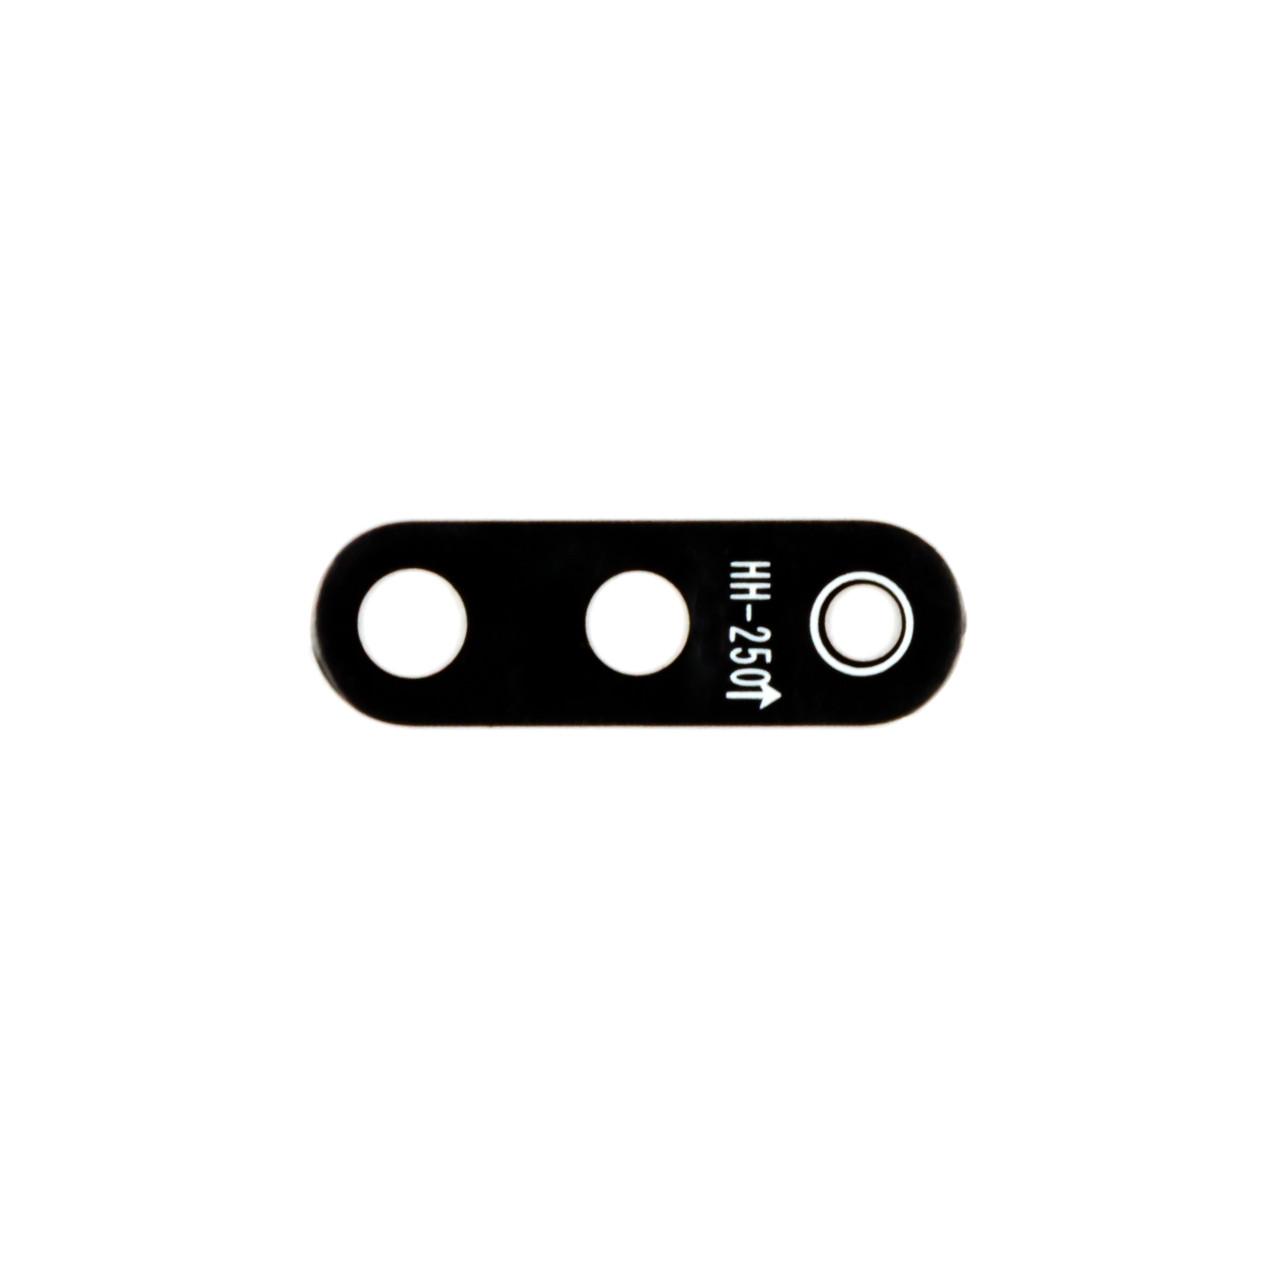 Скло камери HUAWEI P30 Lite/Nova 4e (2019)